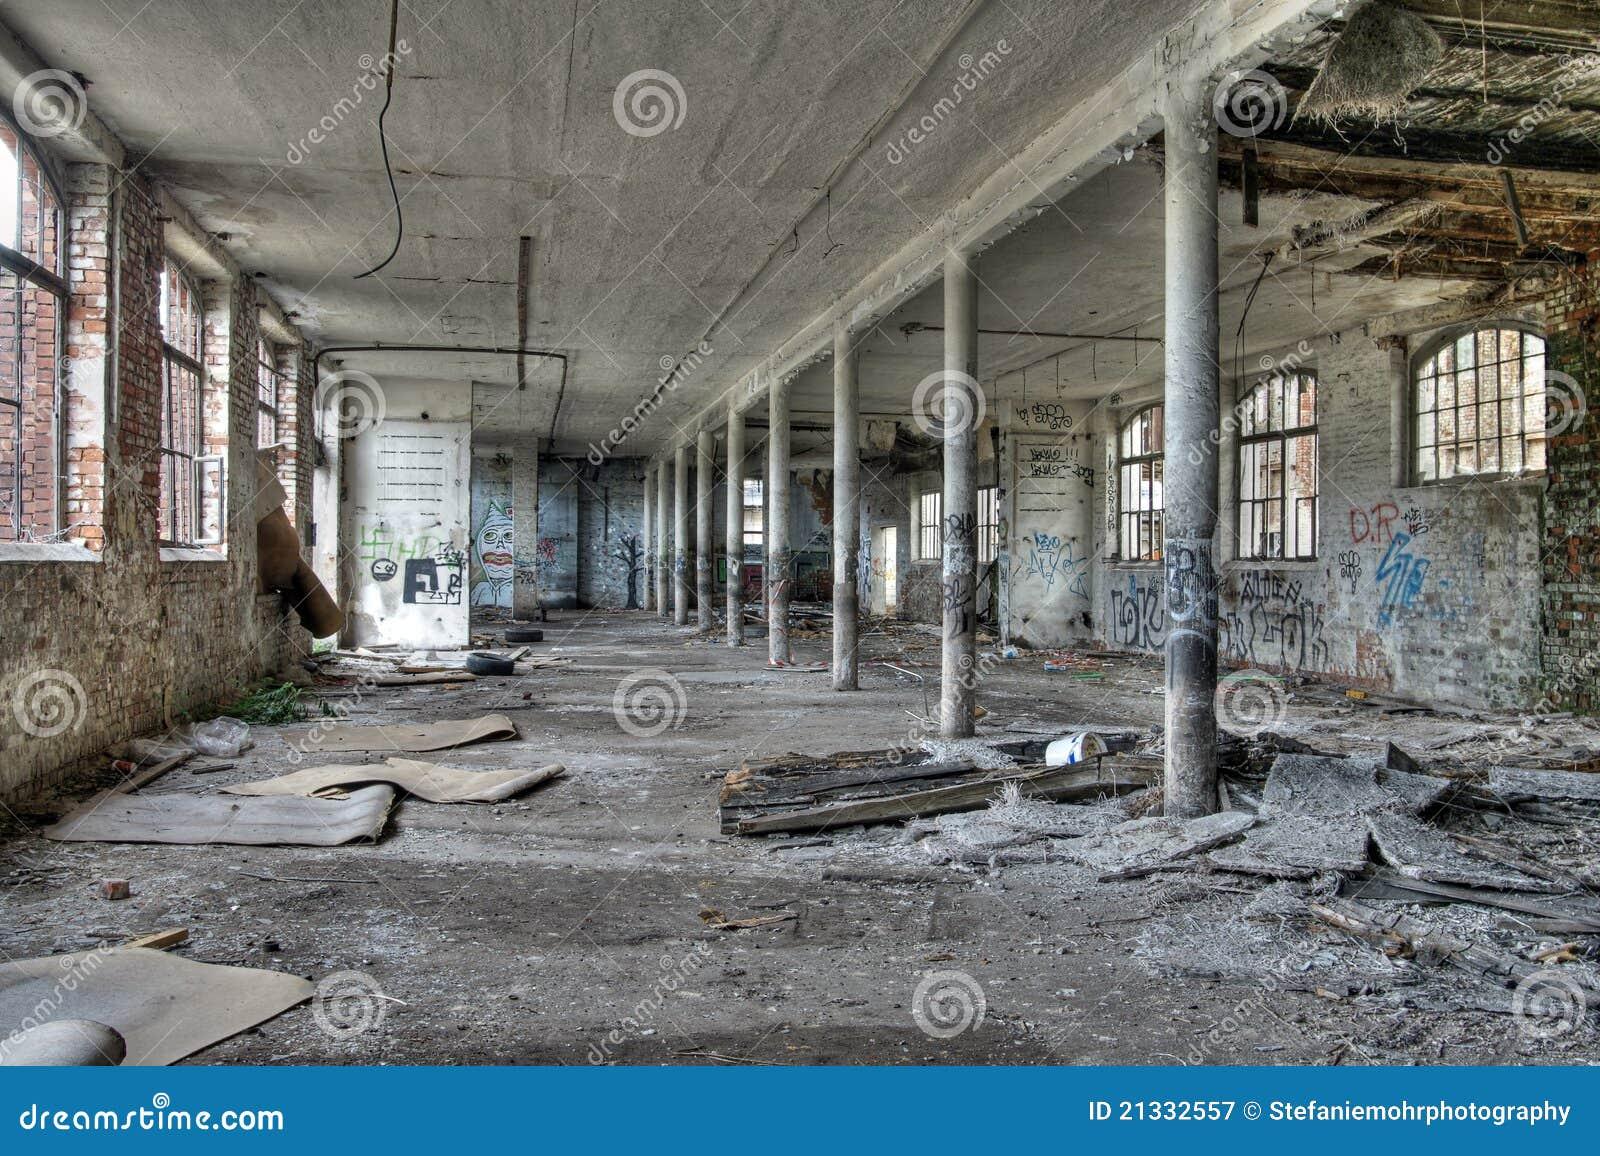 usine abandonne a vendre free sanatorium de dreux with usine abandonne a vendre cool usine. Black Bedroom Furniture Sets. Home Design Ideas